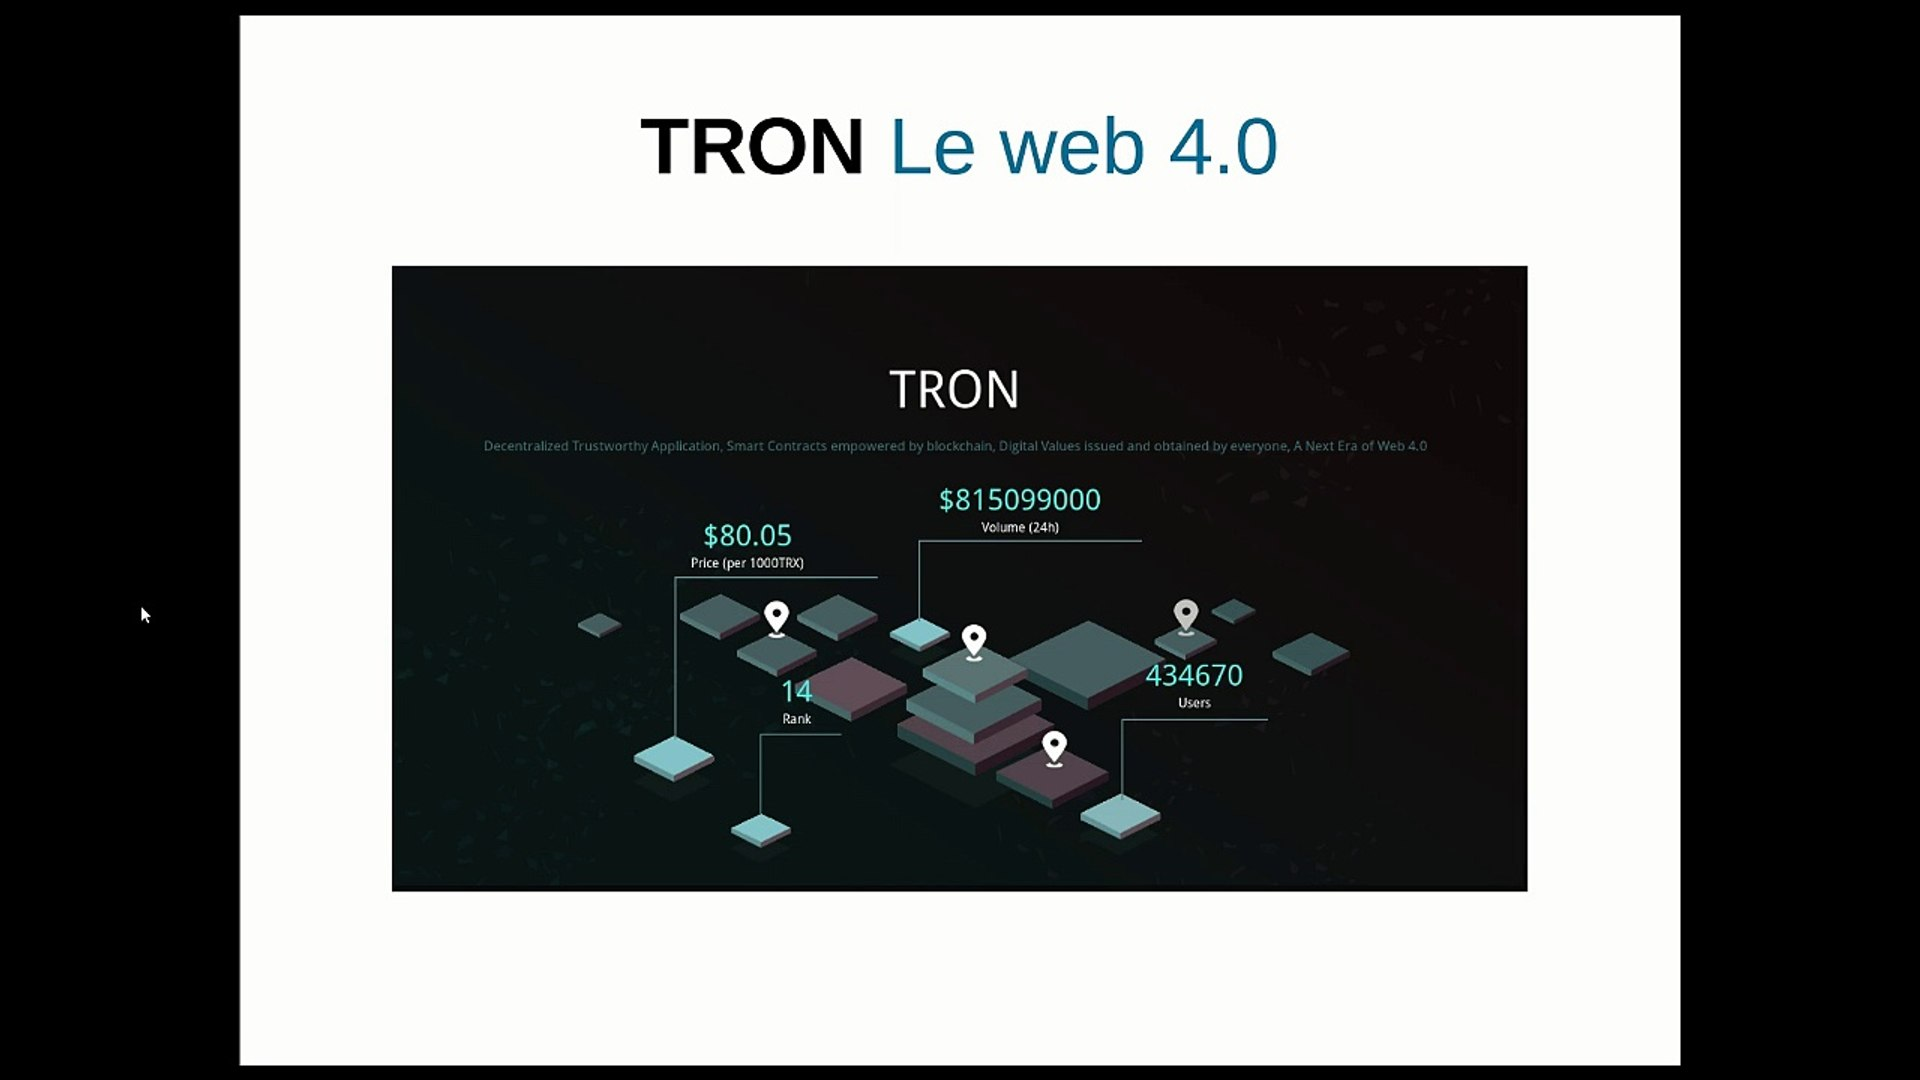 Le TRX, c'est quoi ? - Le projet Tron expliqué